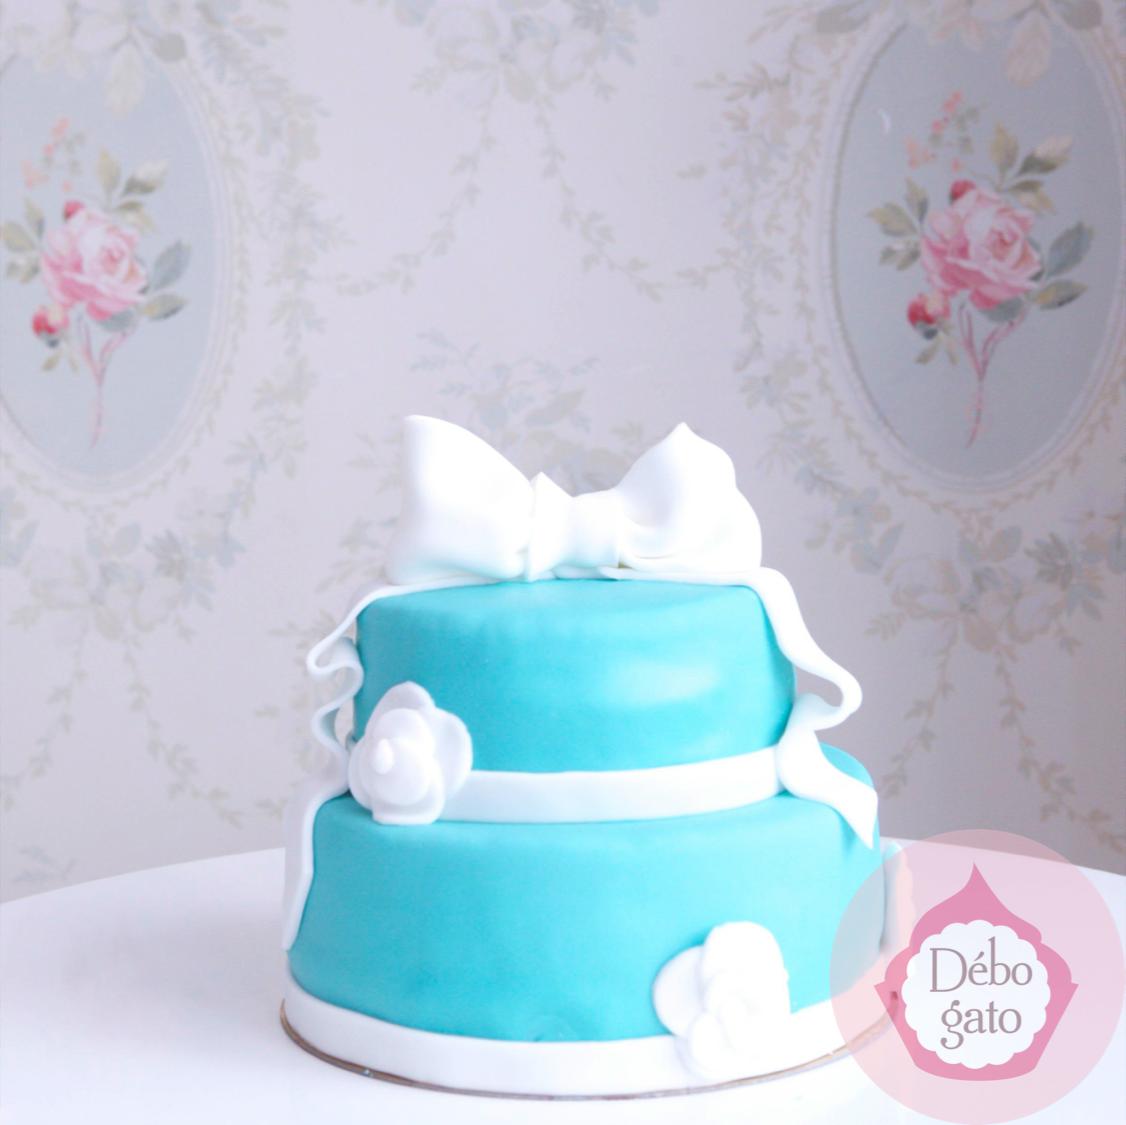 Gâteau Mariage,Fiancailles, Pièce montée, Wedding cake, Gâteaux  personnalisés, Gâteau d